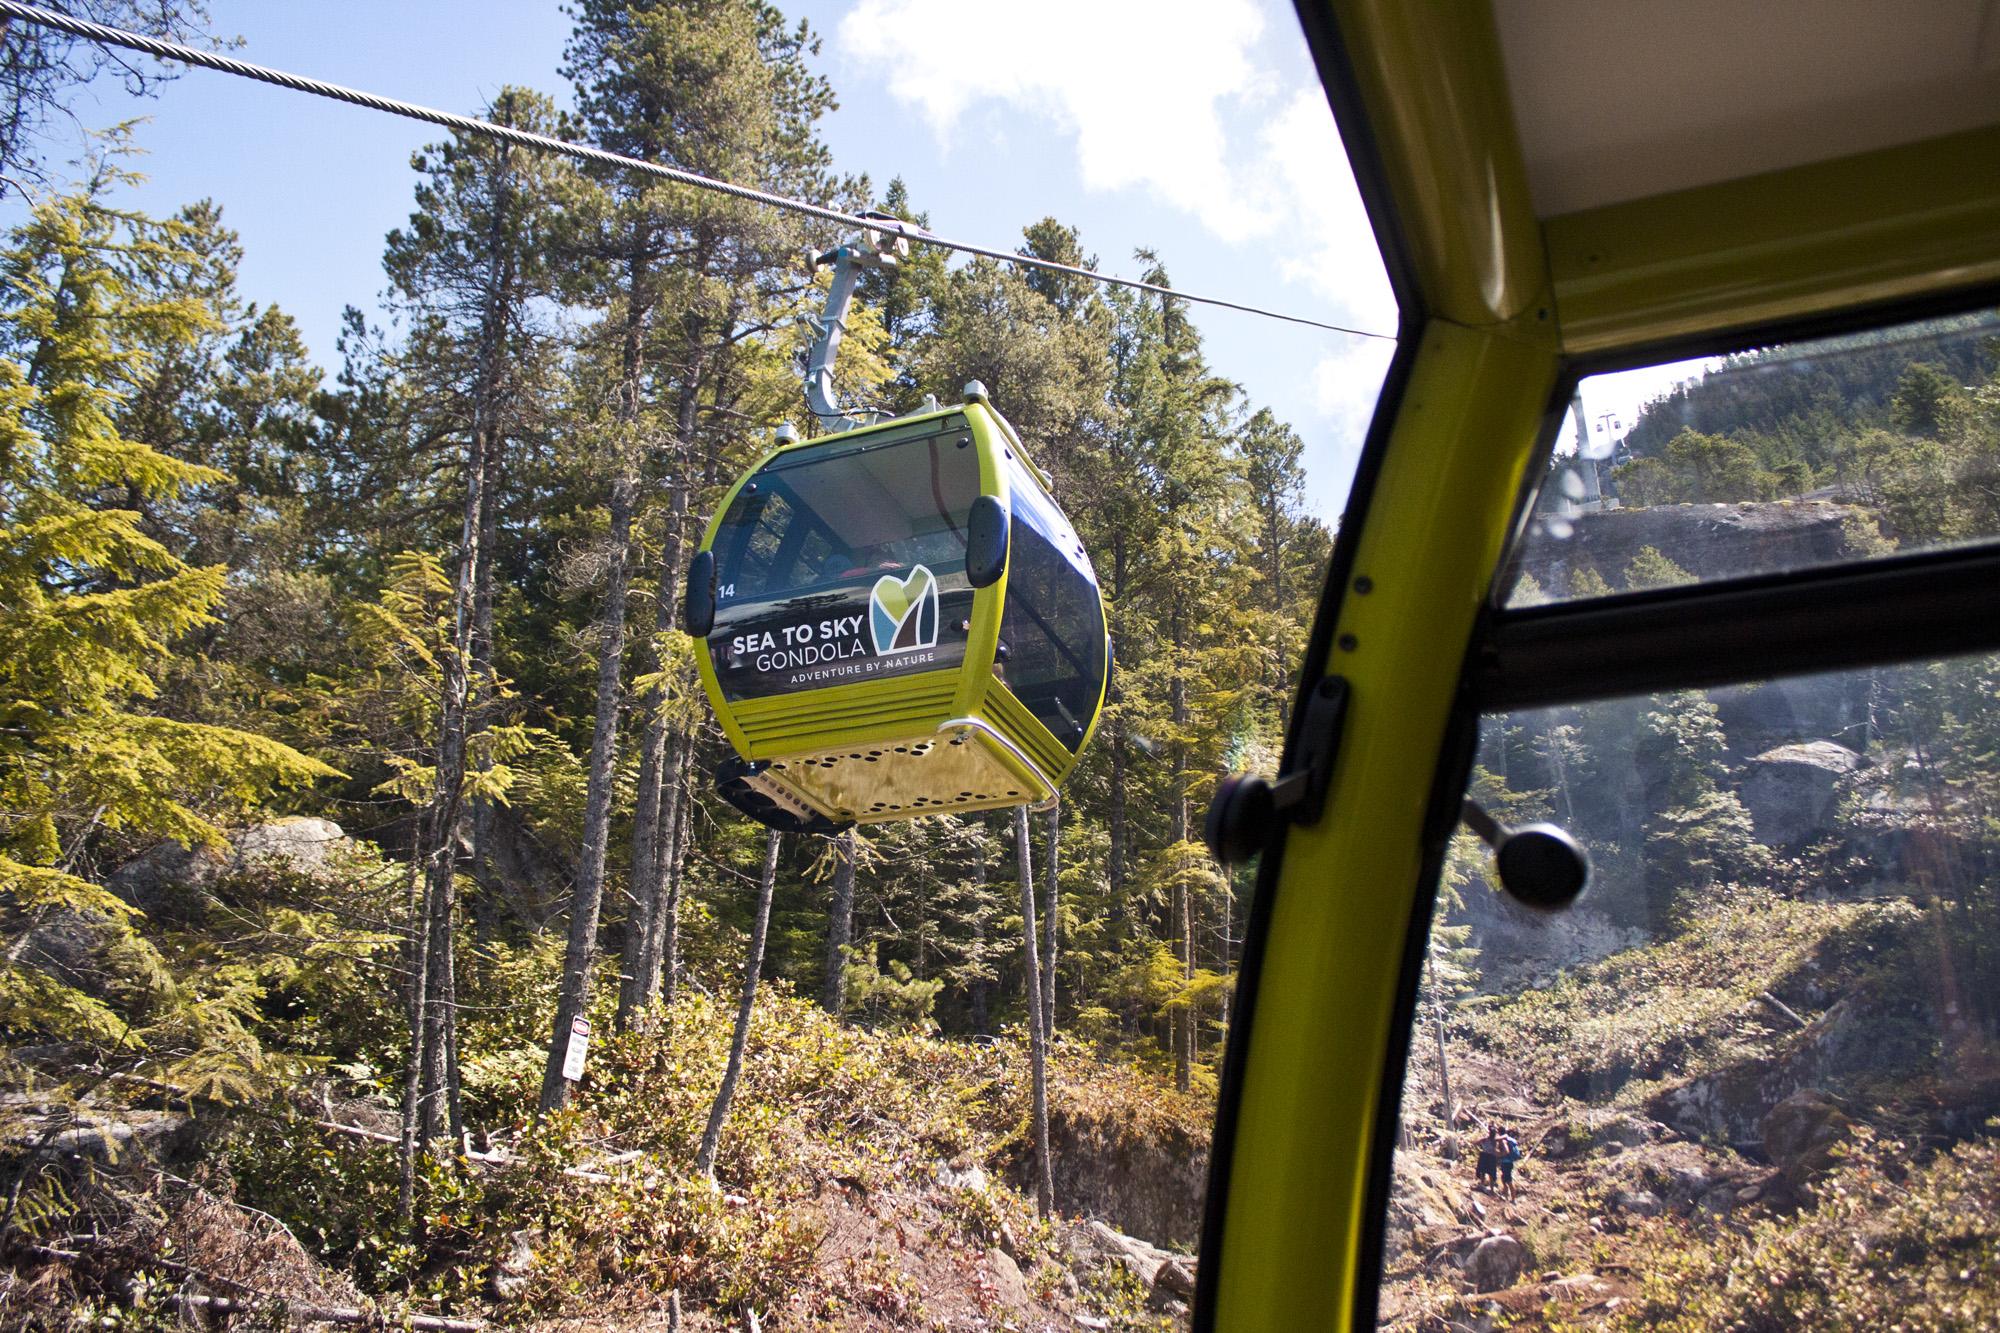 Sea To Sky Gondola in Squamish, British Columbia, Canada